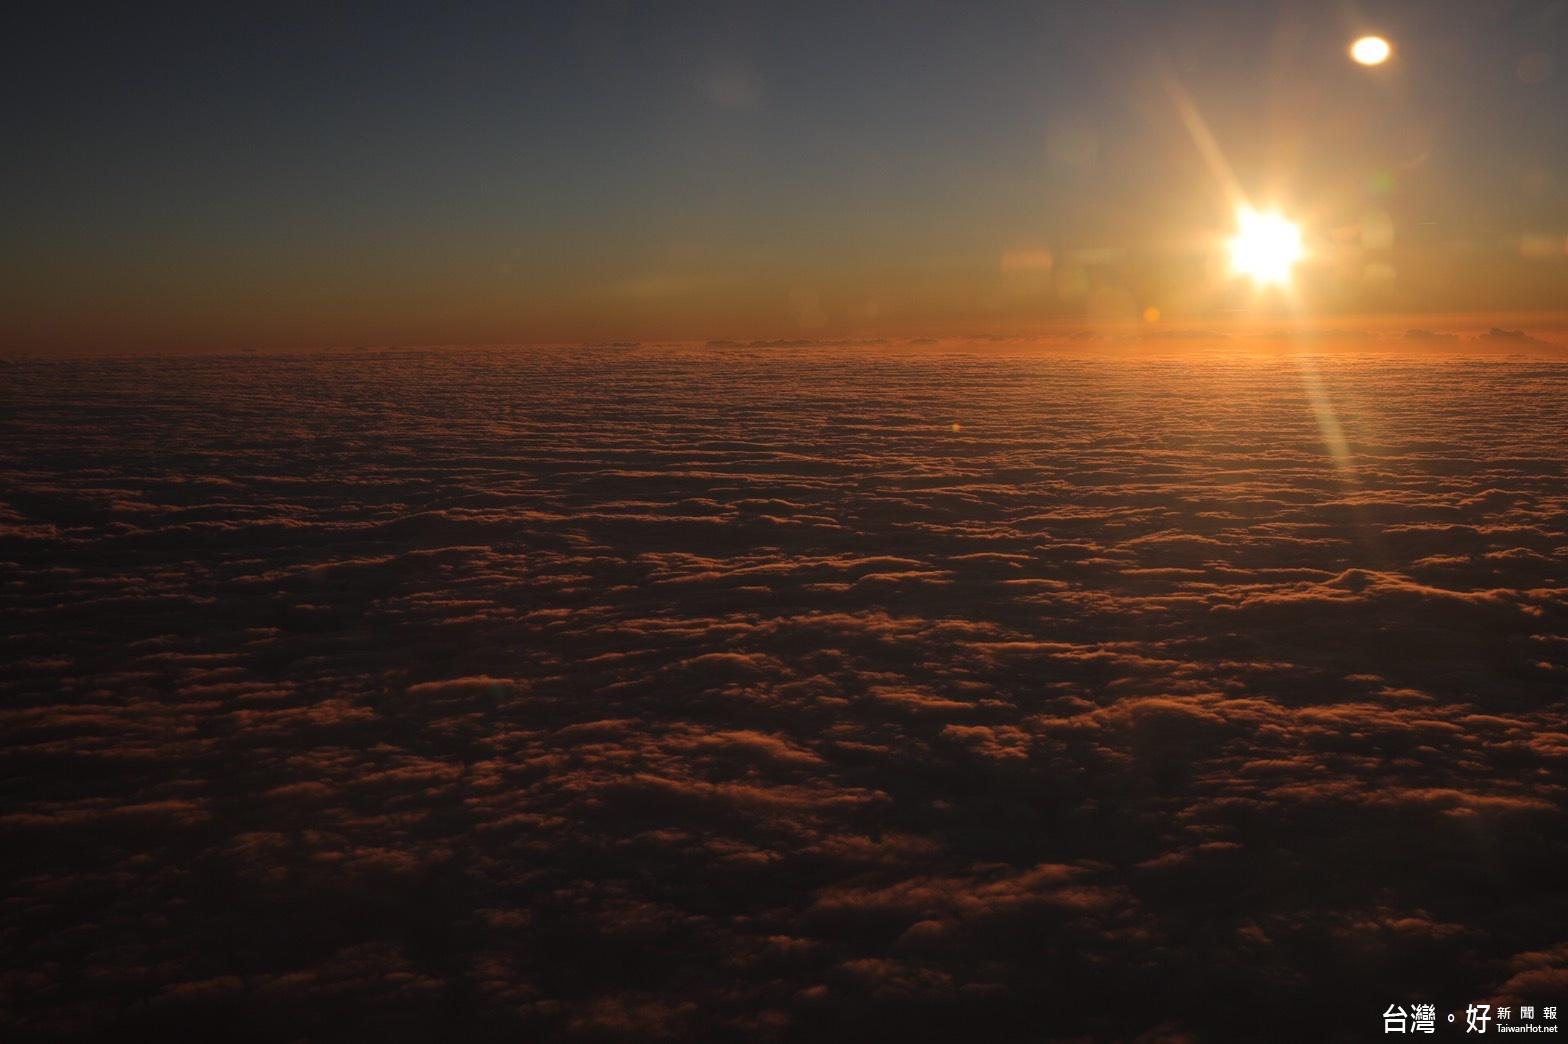 華信專機2萬呎高空 迎接2017年第一道曙光